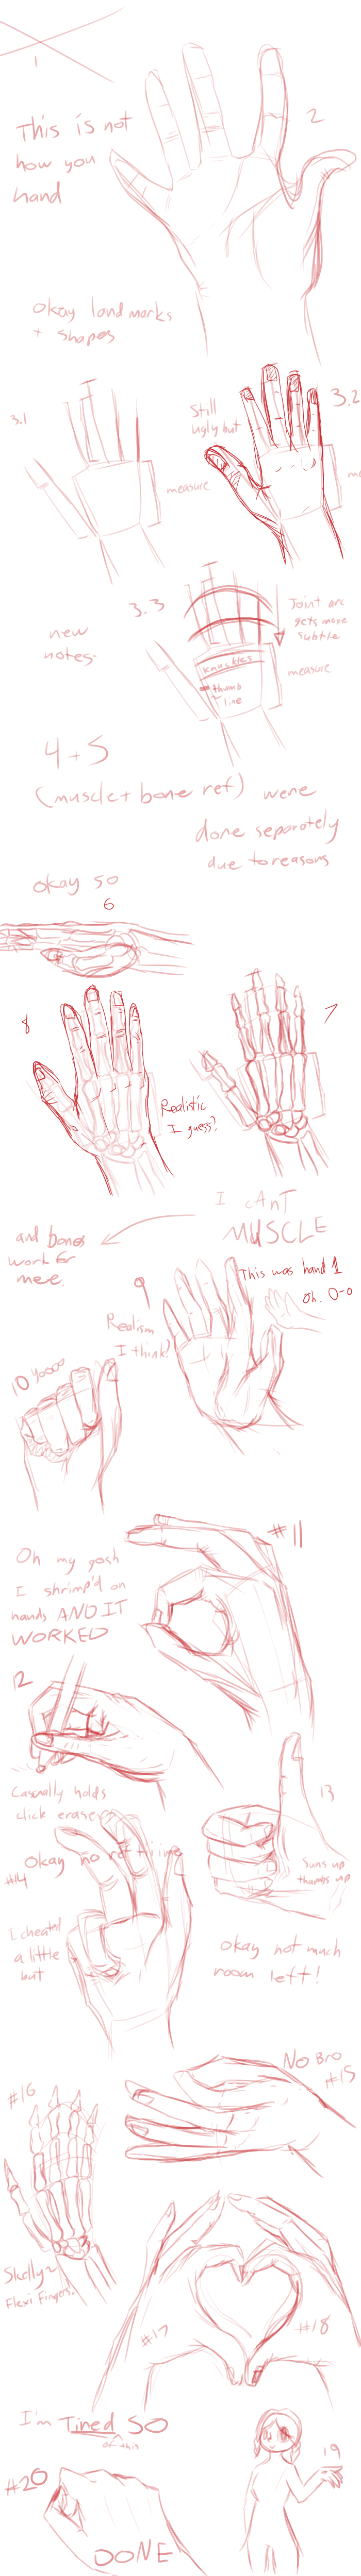 4- 20 hands of struggle by Zeldeon